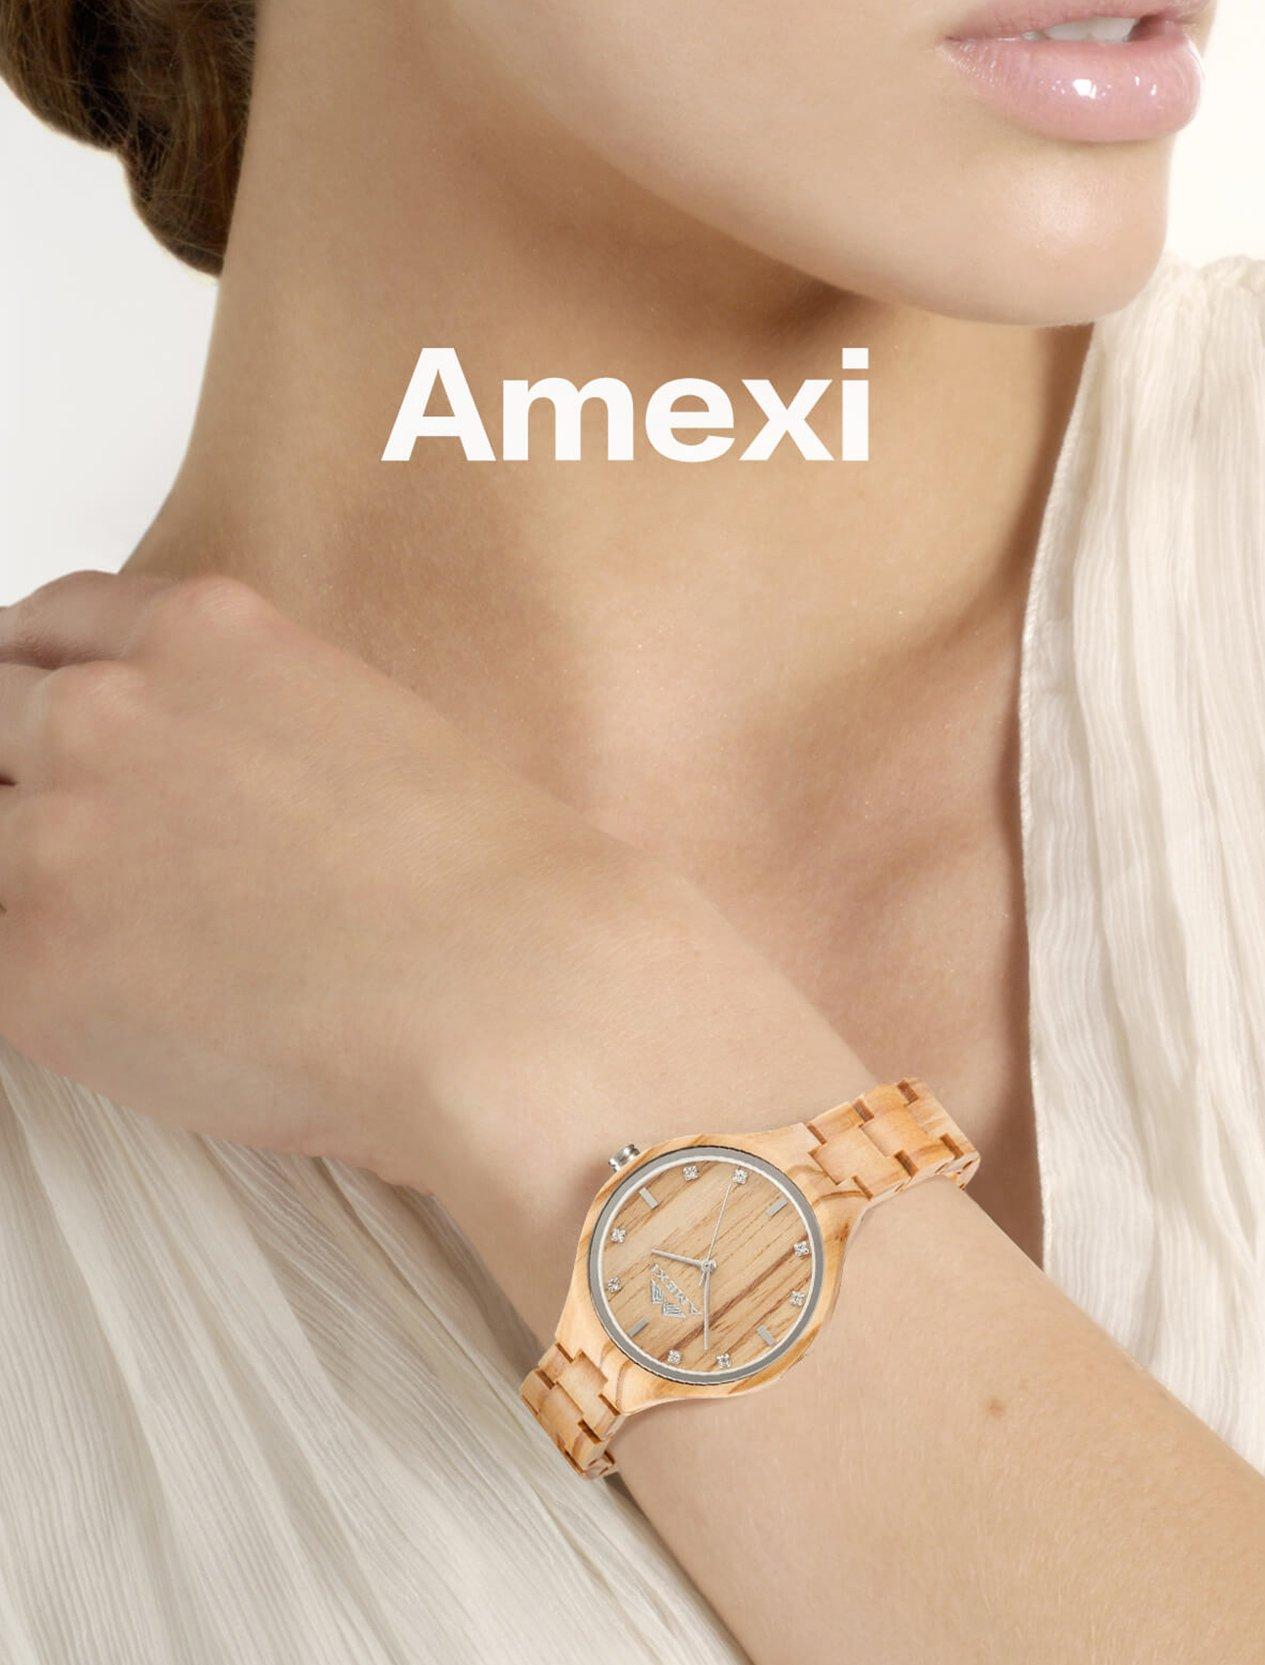 AMEXI Orologio da Polso Donna in Legno, Movimento al Quarzo con Banda di Legno